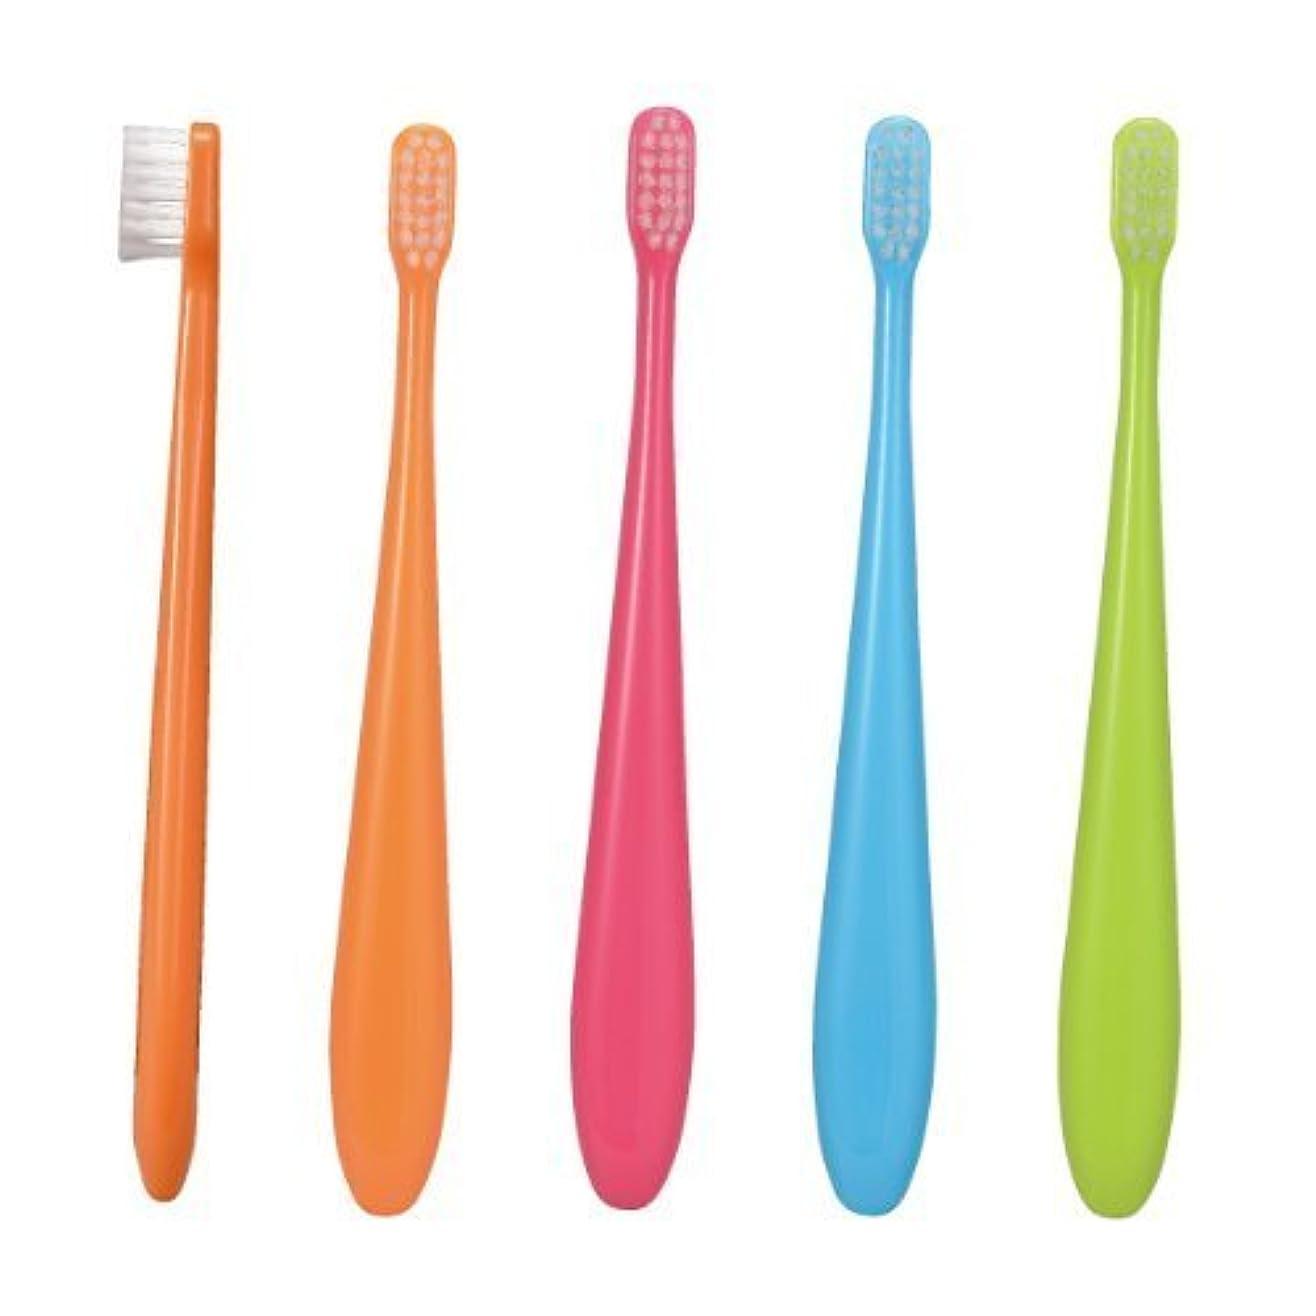 刺激する戦術有効なCiミニ歯ブラシ/ミディ 5本入り/Mふつう